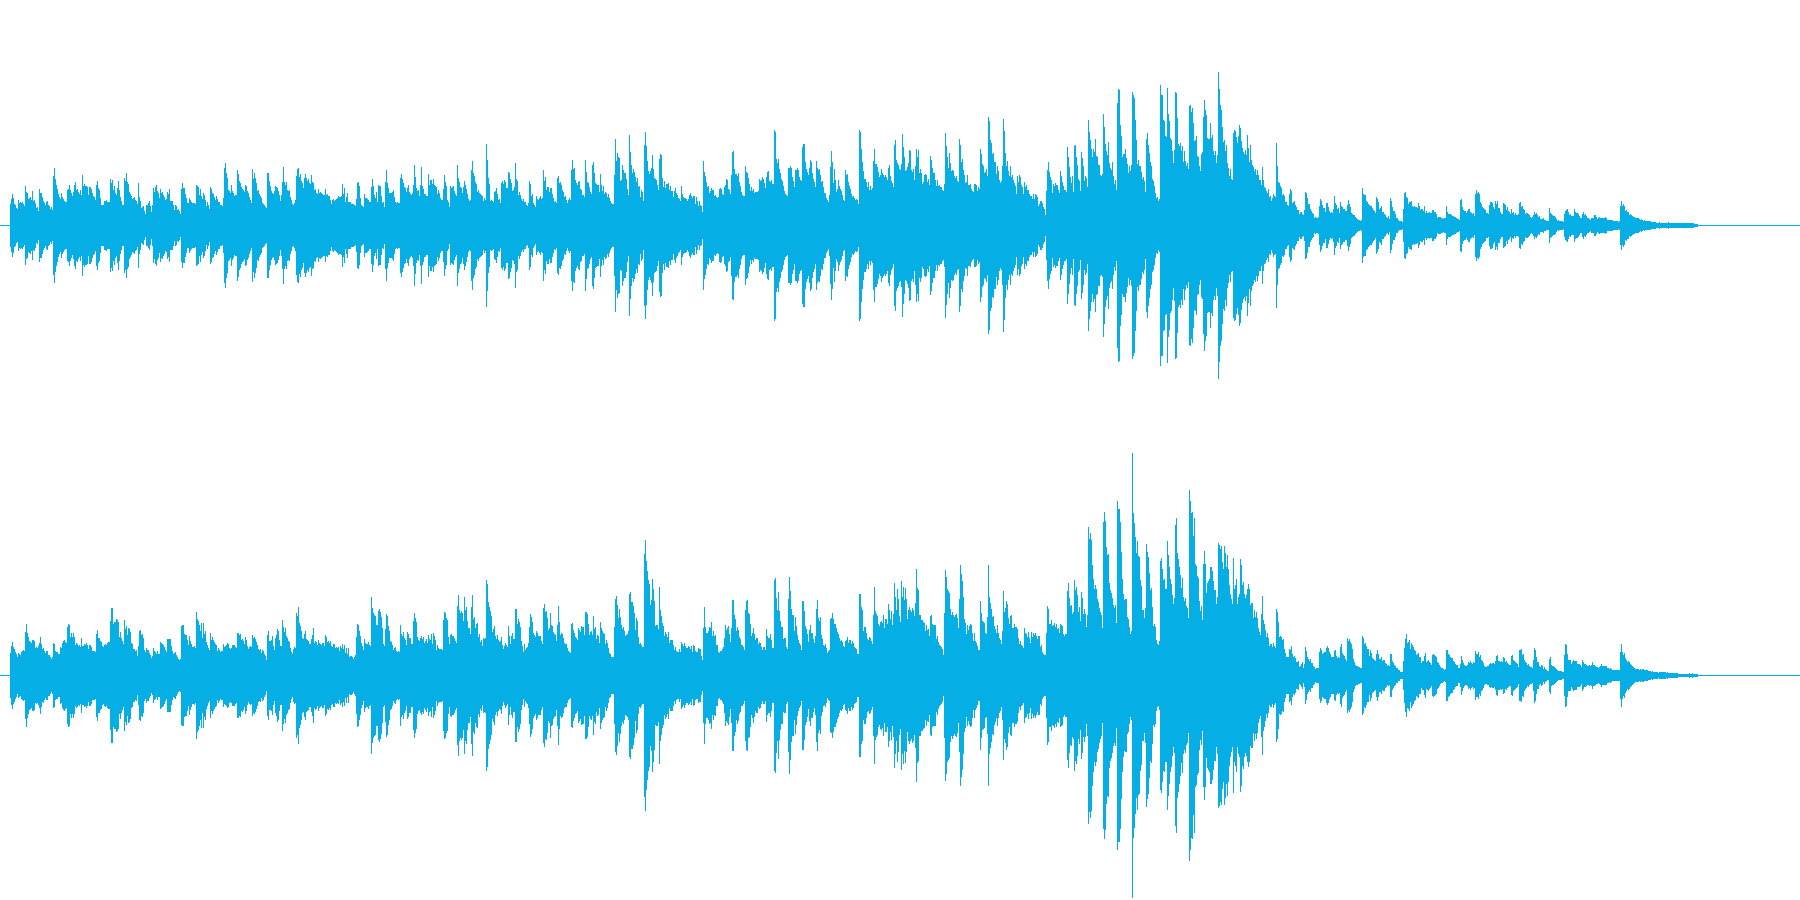 切なく美しいピアノソロ曲♪の再生済みの波形